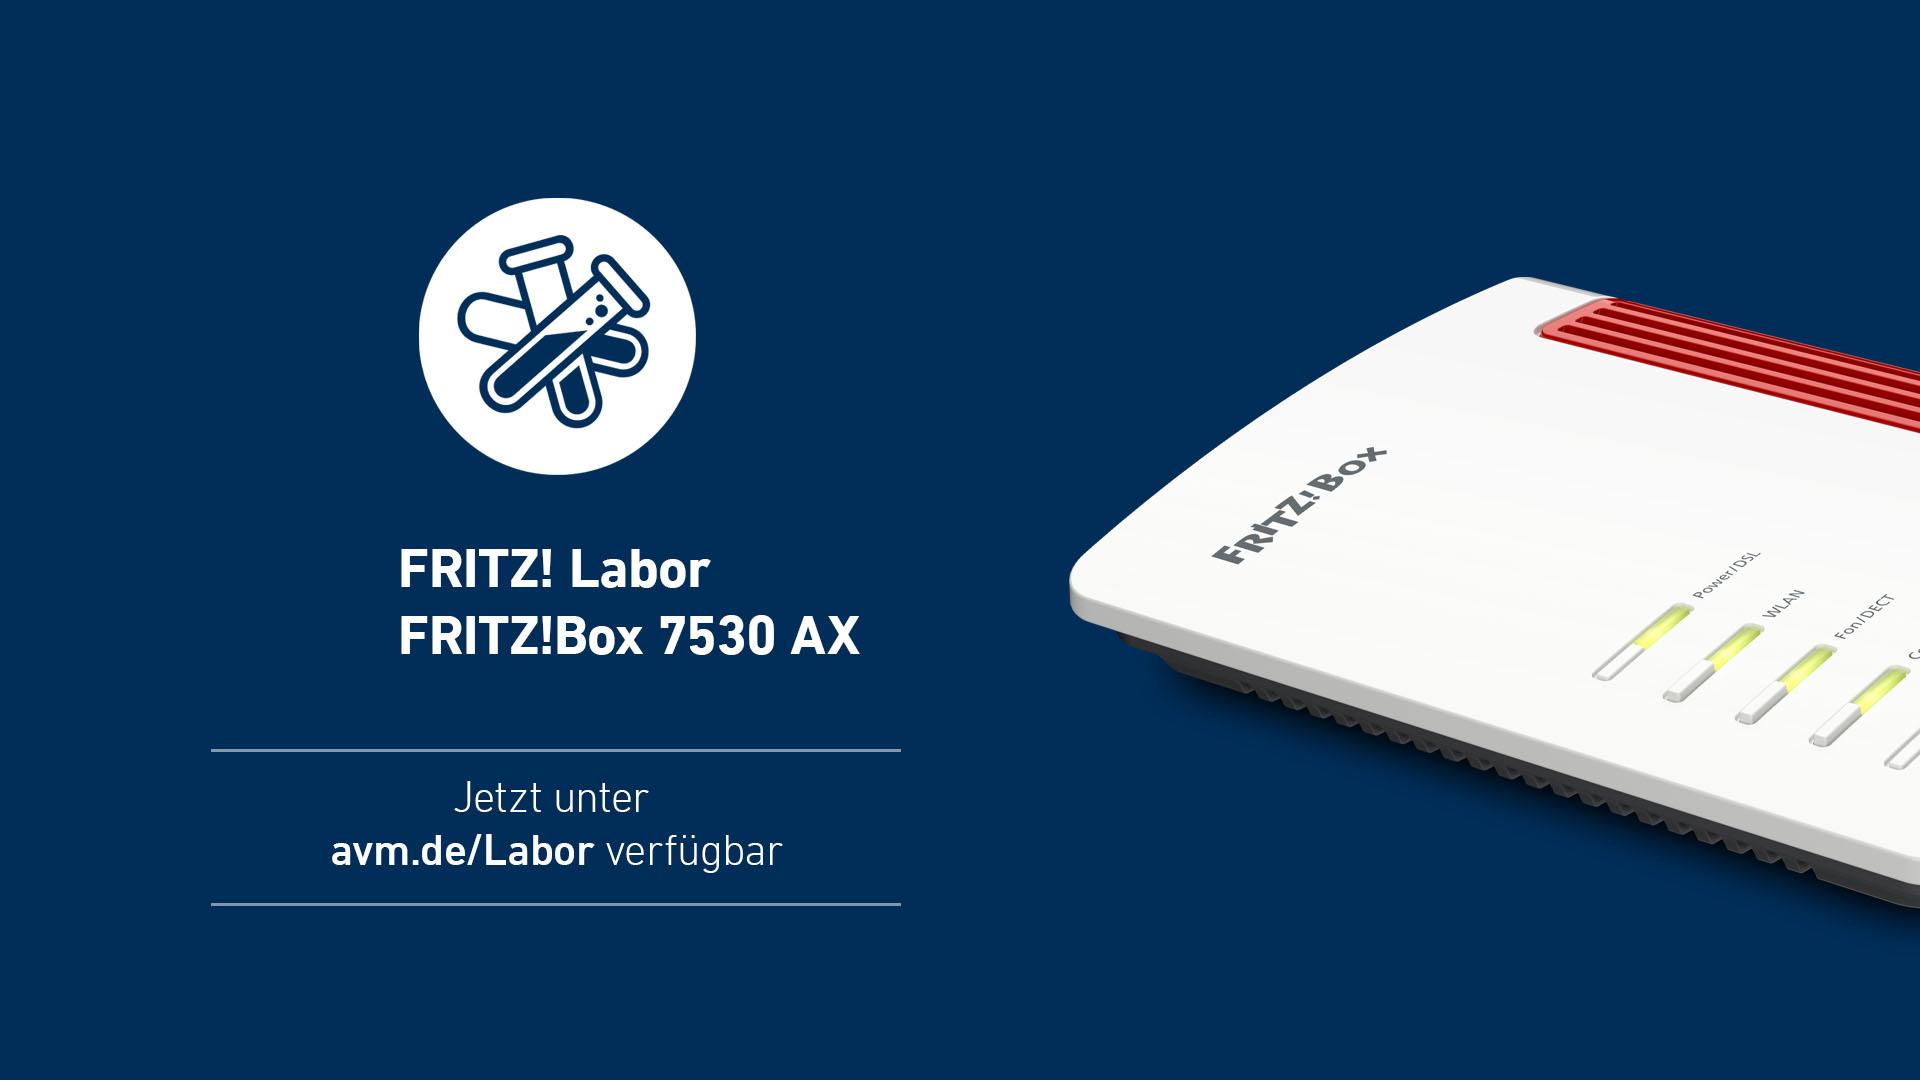 FritzBox 20 AX DSL Router nähert sich FritzOS 20.20   COMPUTER BILD